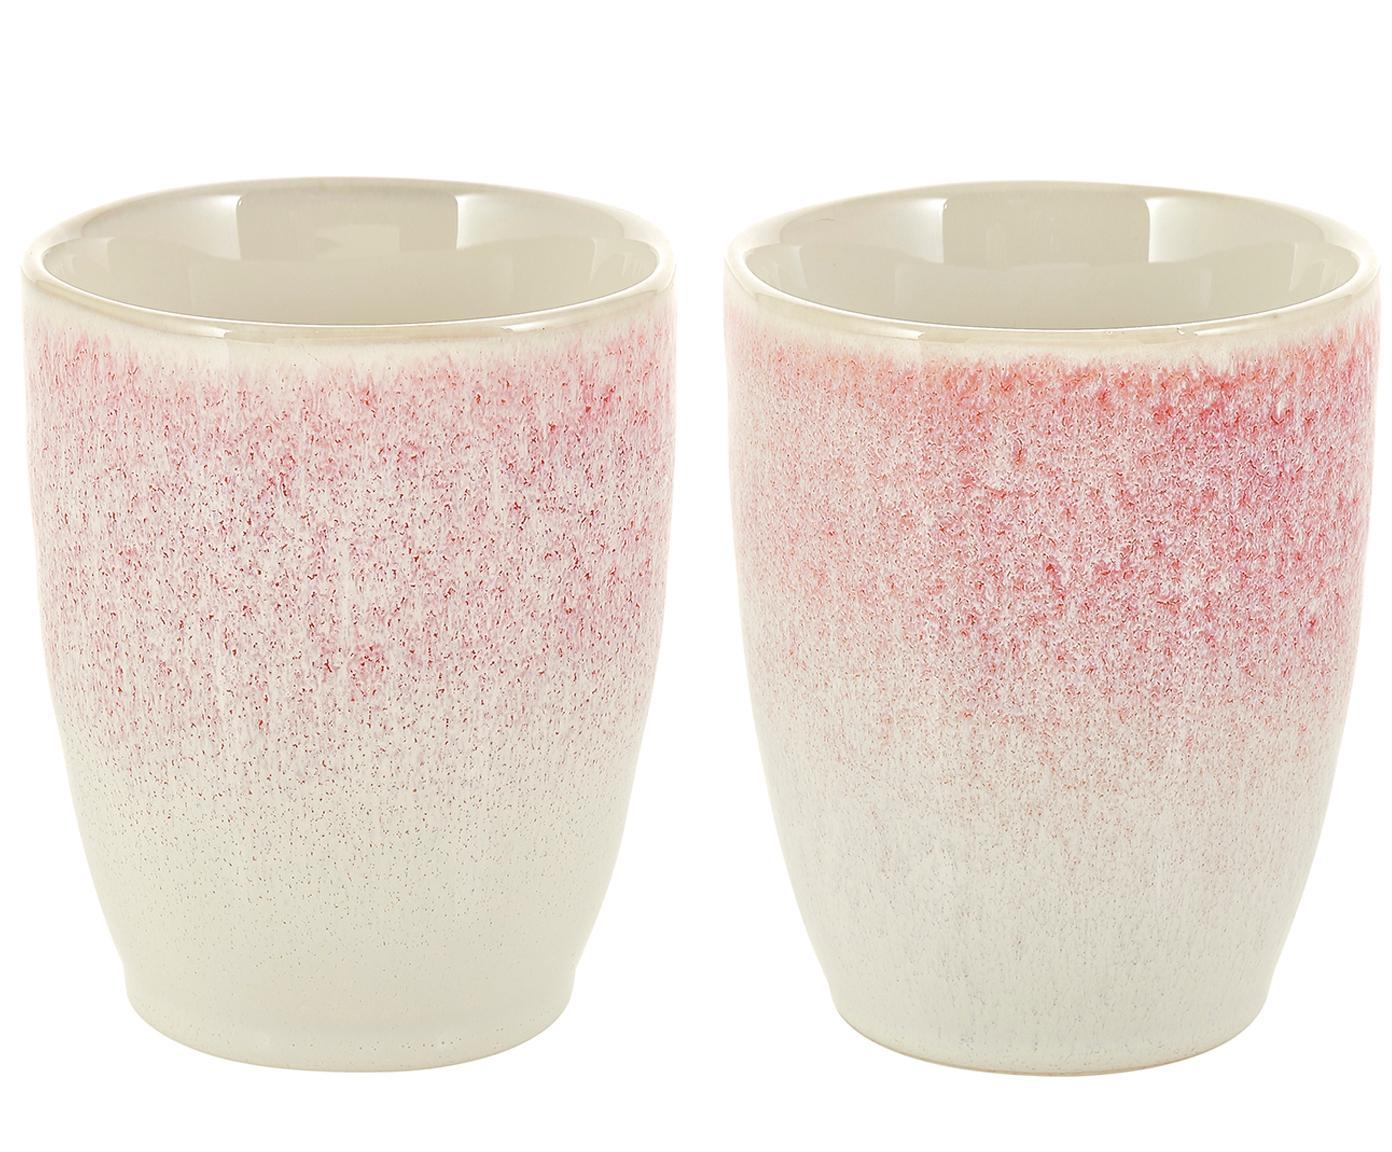 Tazza senza manico fatta a mano Amalia 2 pz, Ceramica, Rosa chiaro, bianco crema, Ø 10 x Alt. 11 cm